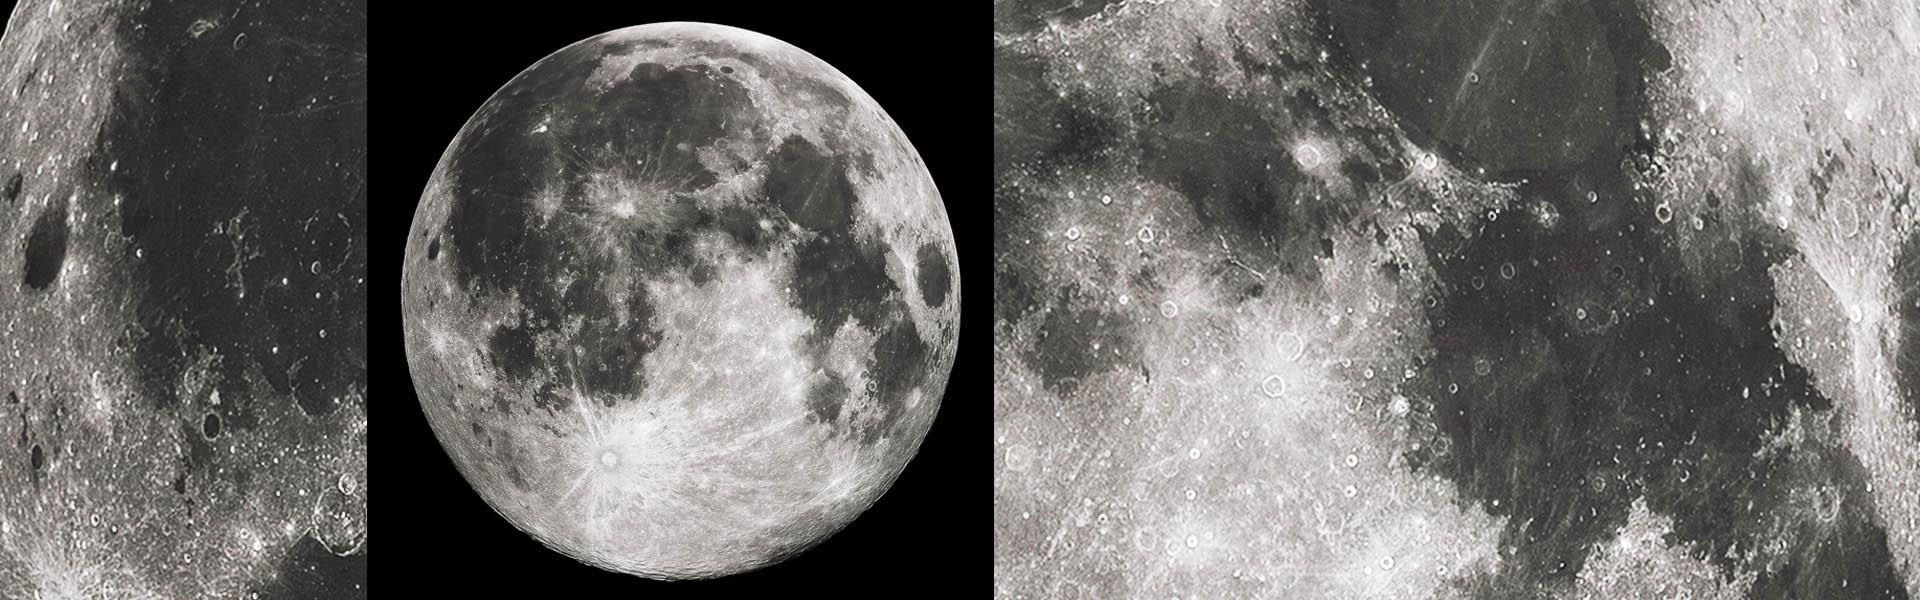 Geschichten – so schön und geheimnisvoll wie der Mond